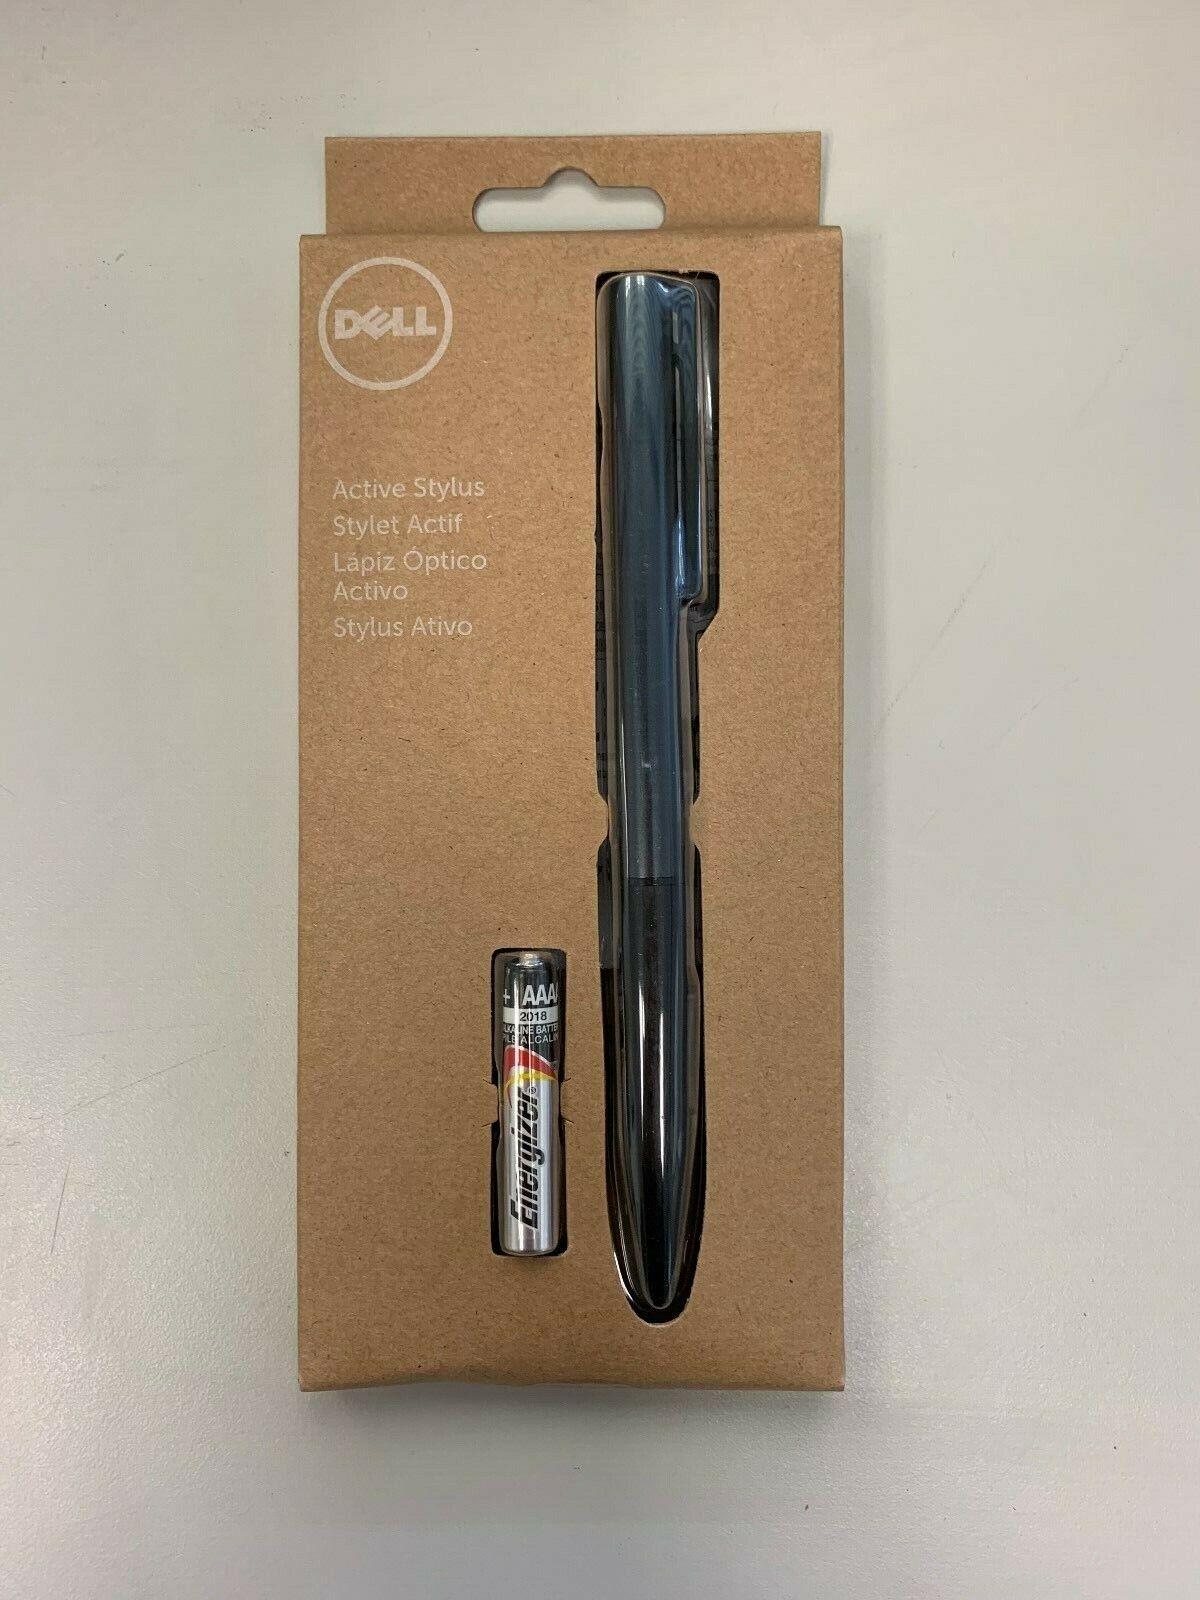 NEW Dell Active Stylus Venue Pro 8/11 CN-0332NG CN0332NG 033